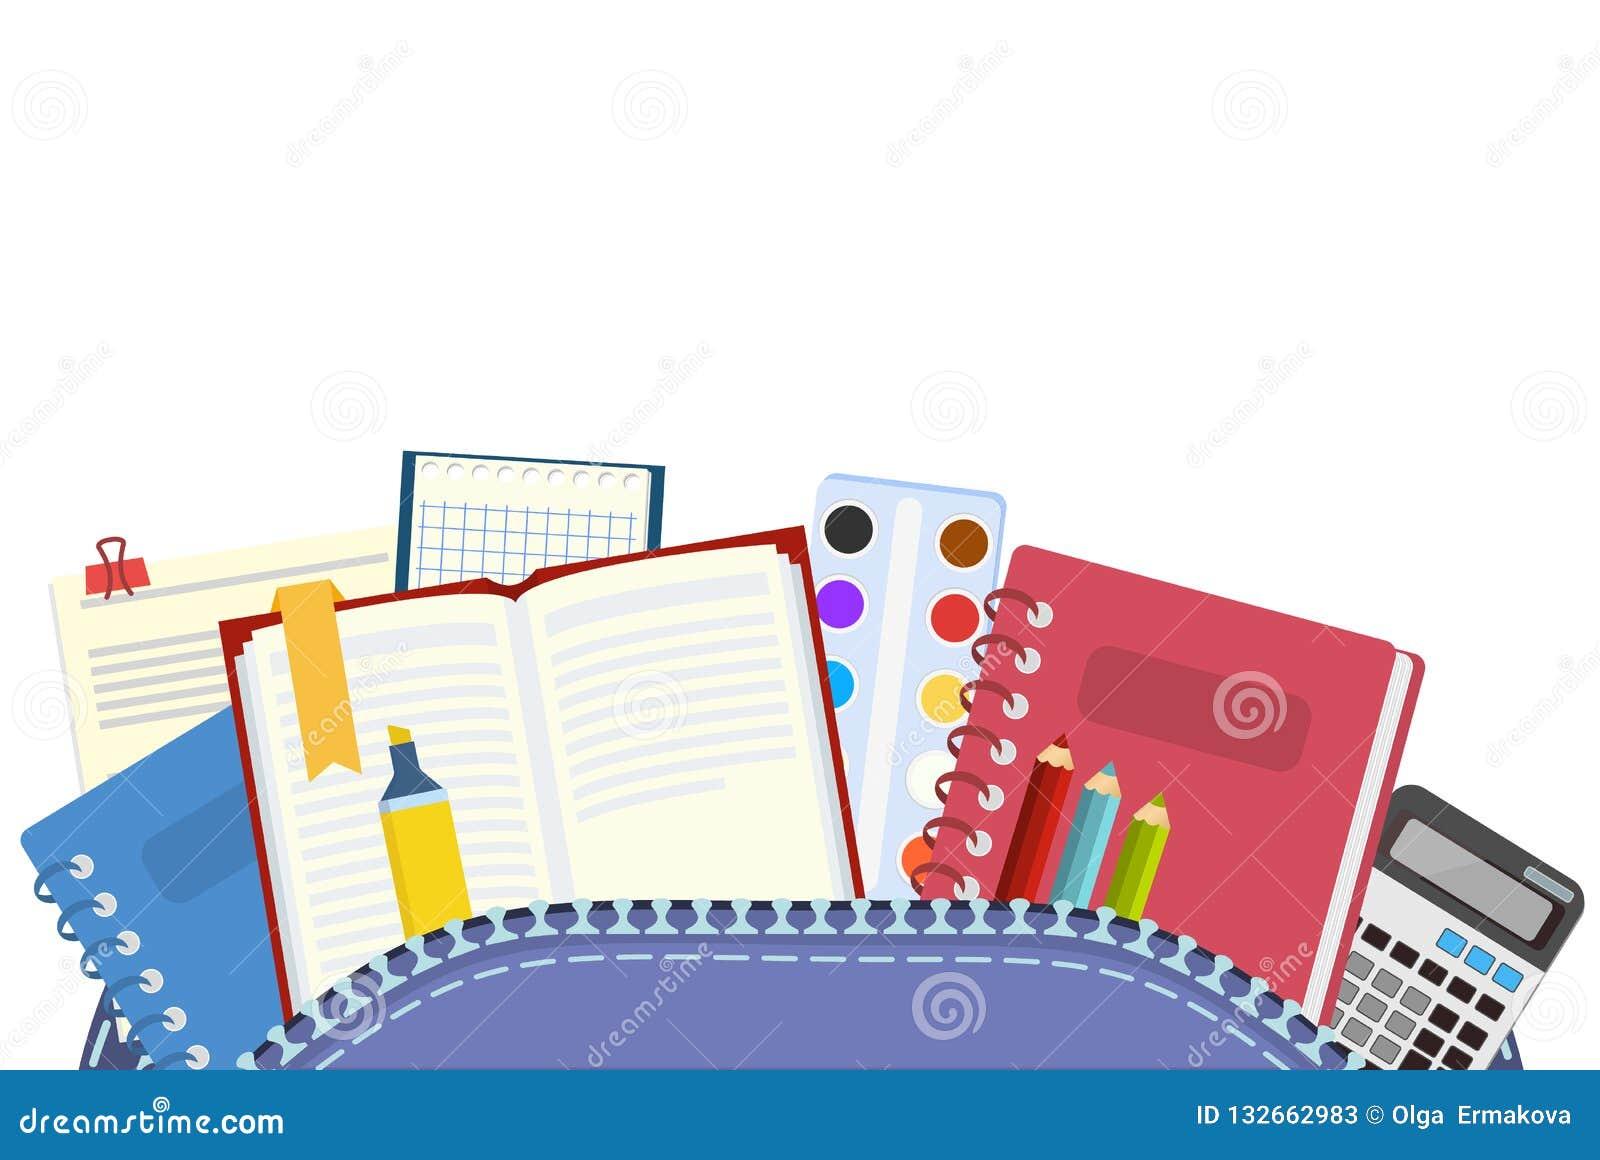 σχολείο Θέματα σακιδίων και σχολείων για τη διδασκαλία και την εκπαίδευση των μαθητών επίσης corel σύρετε το διάνυσμα απεικόνισης